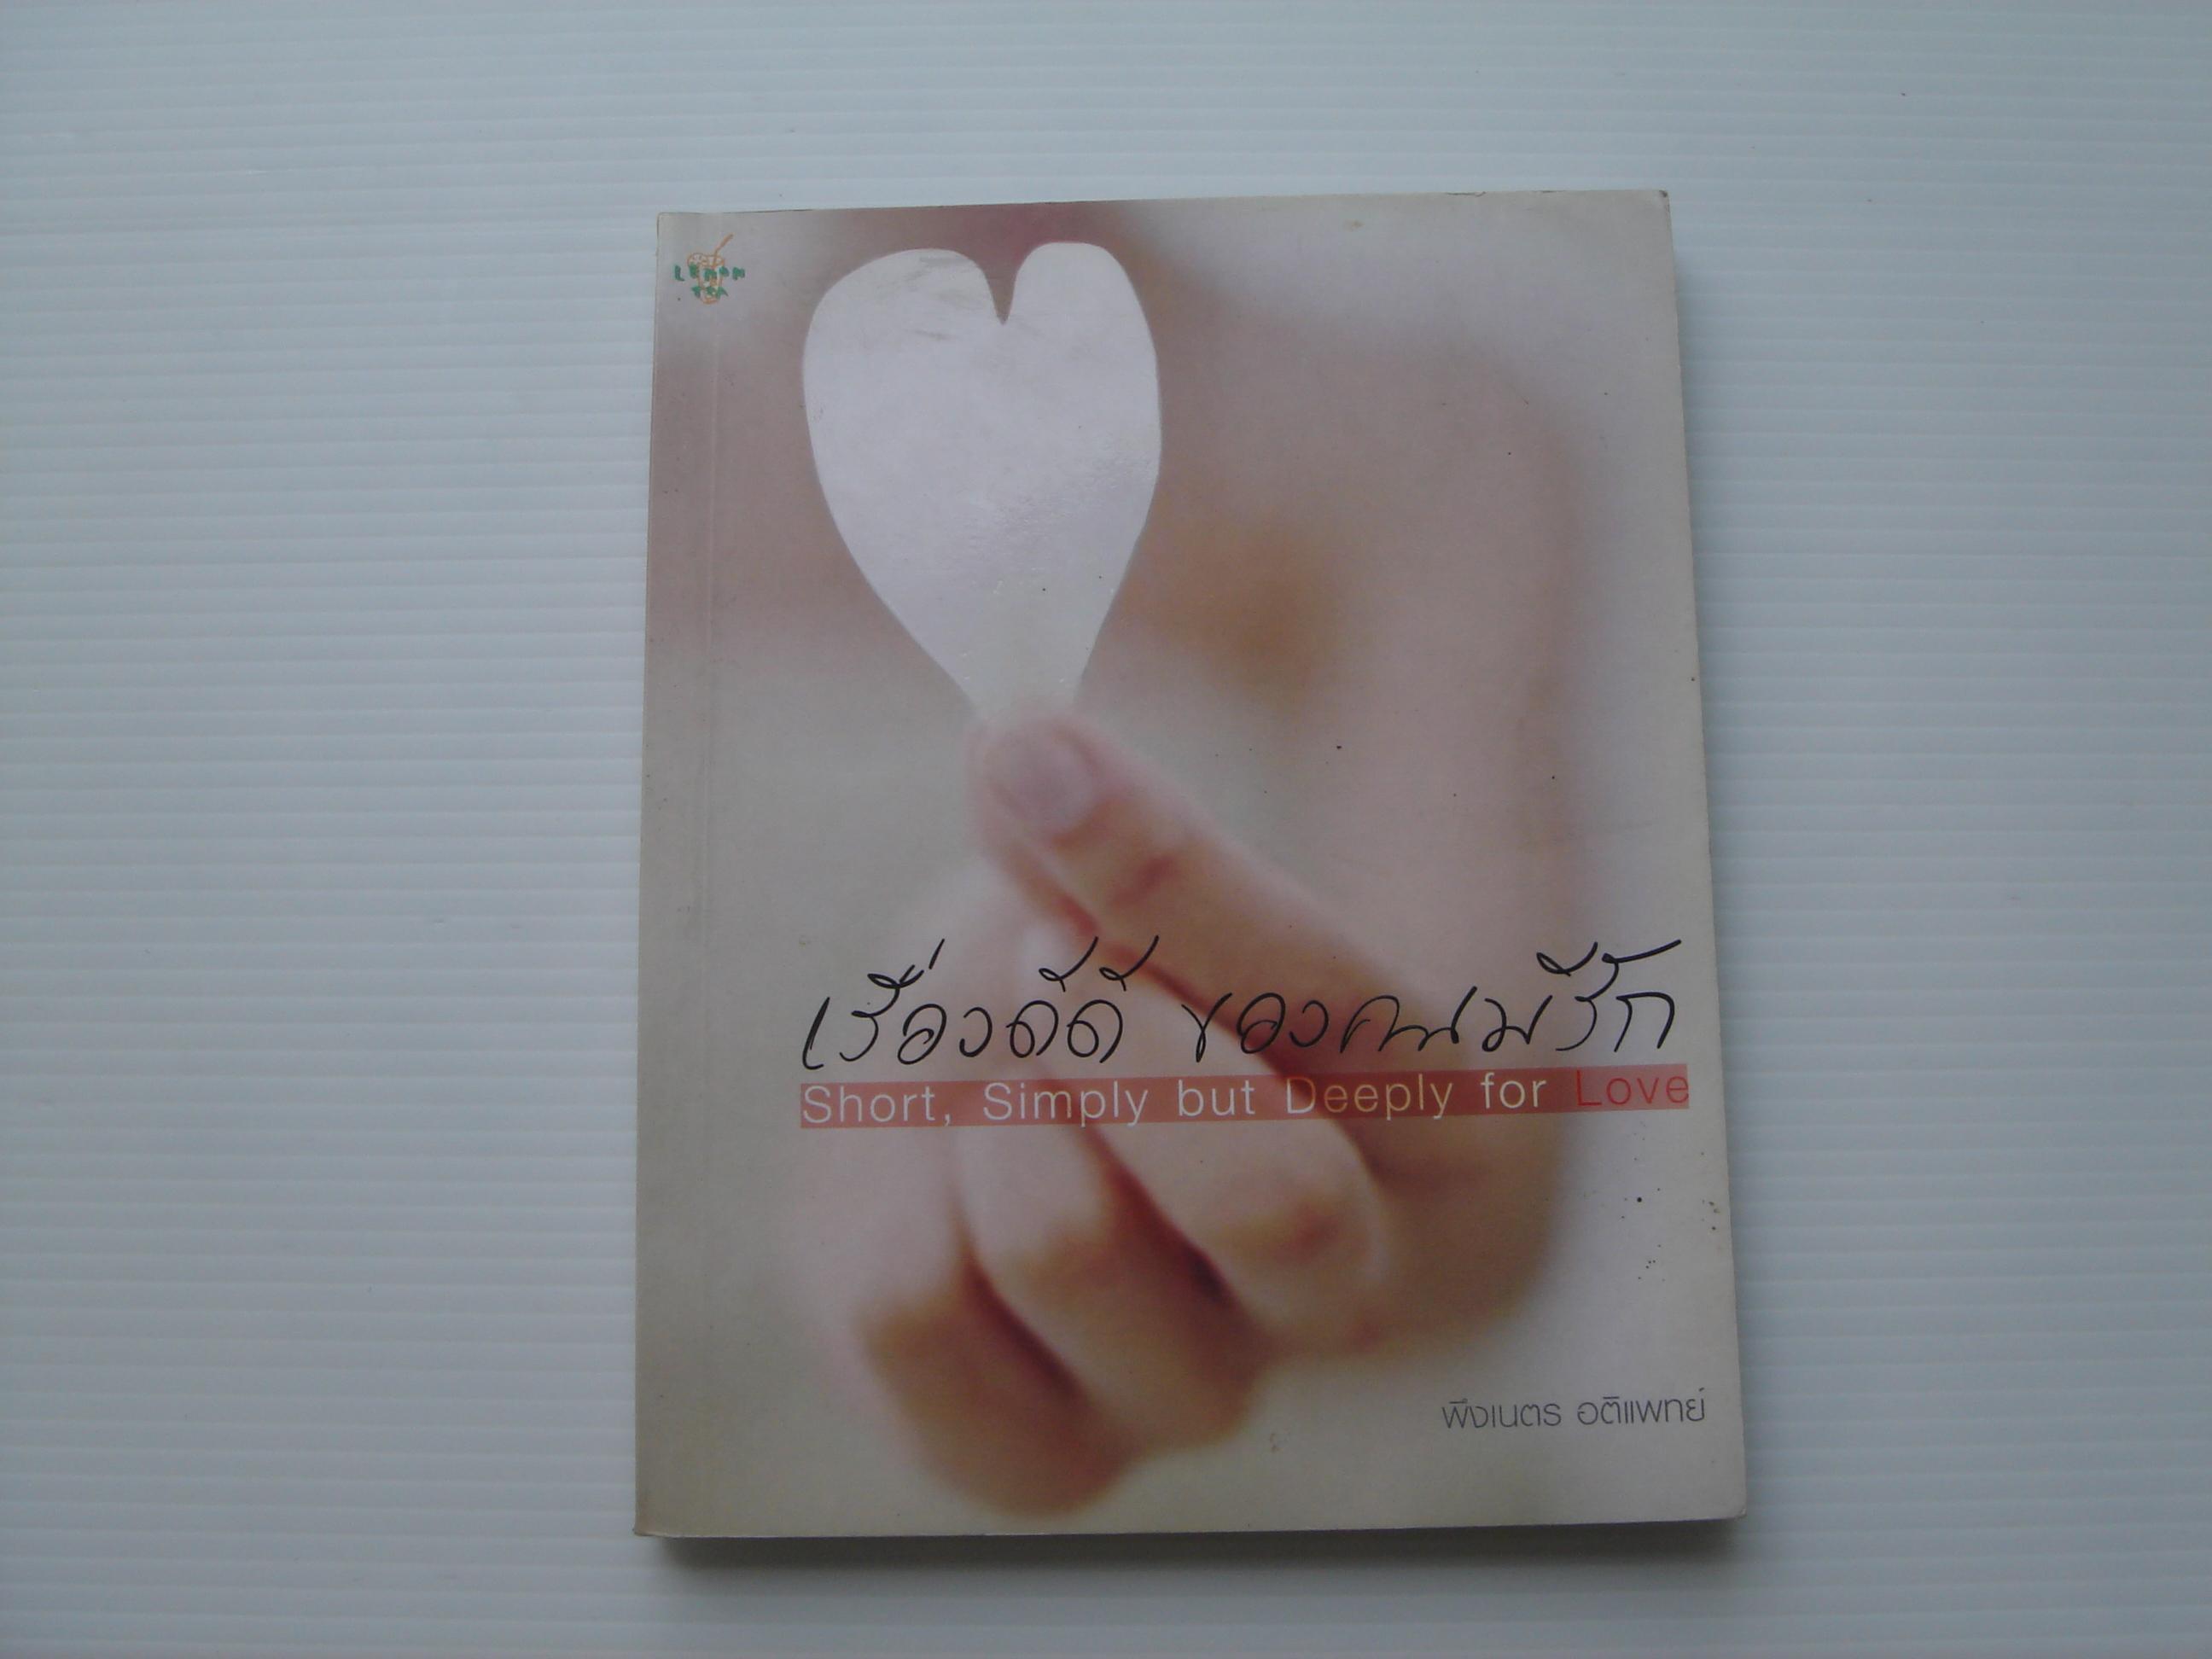 เรื่องดีดี ของคนมีรัก Short, Simply but Deeply for Love